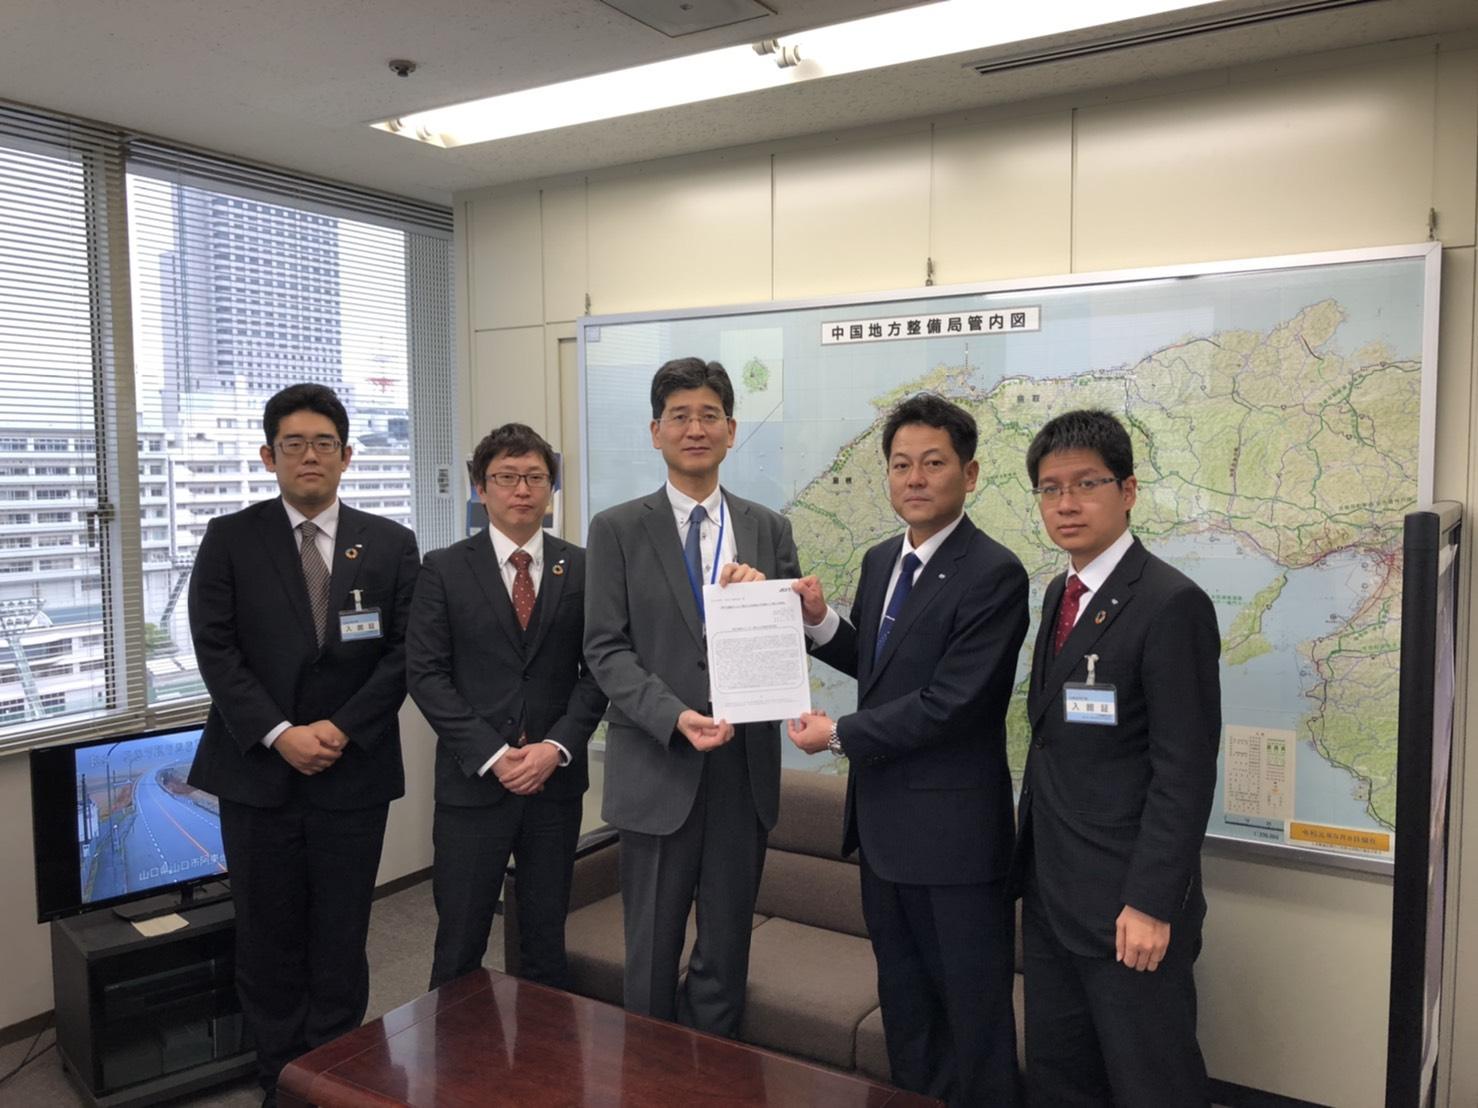 「青年会議所による下関北九州道路の早期着工に関する要望書」提出のサムネイル画像1